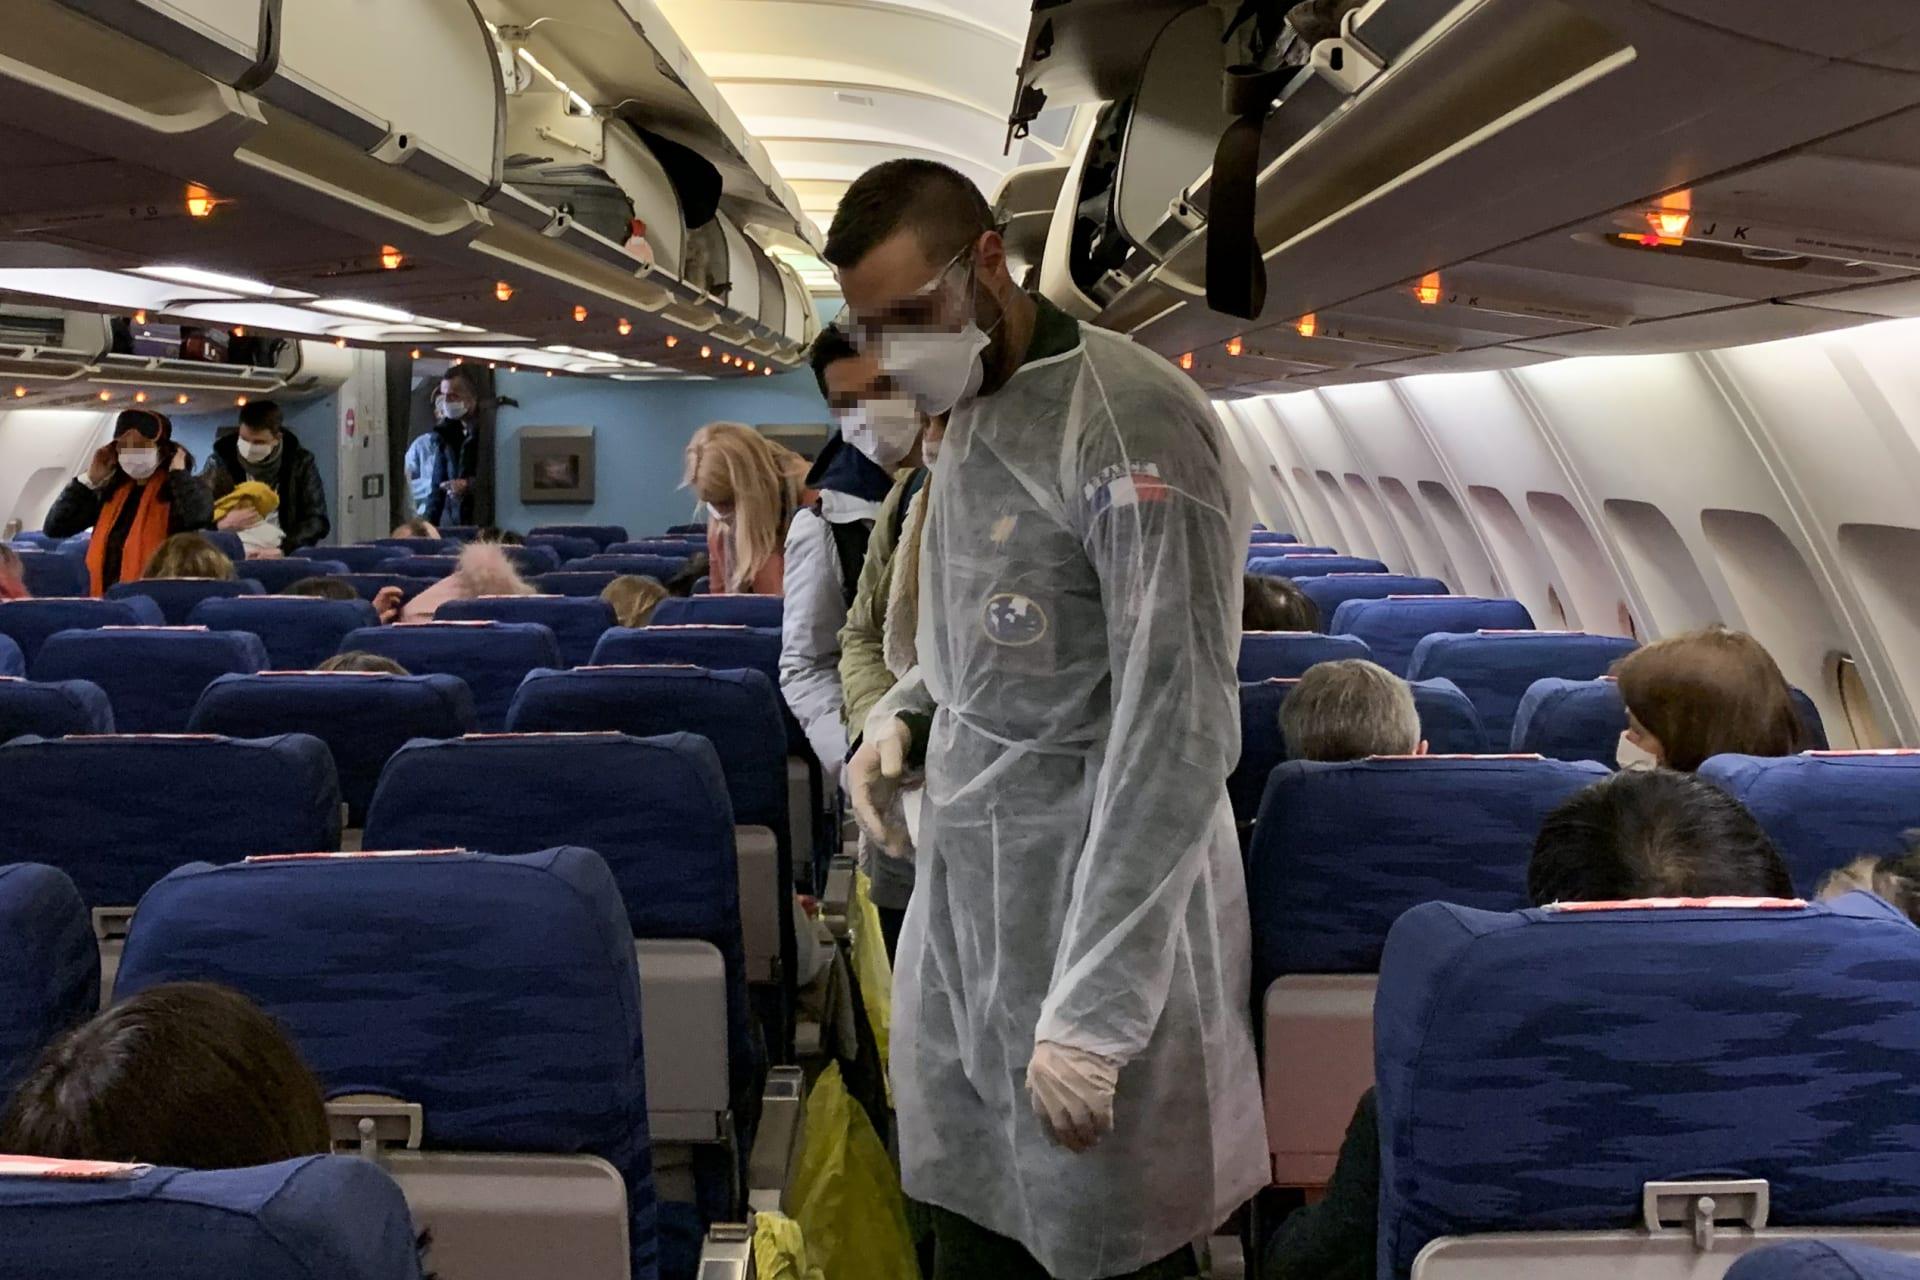 تأثير فيروس كورونا على السياحة قد يكلف الاقتصاد العالمي أكثر من 4 تريليونات دولار